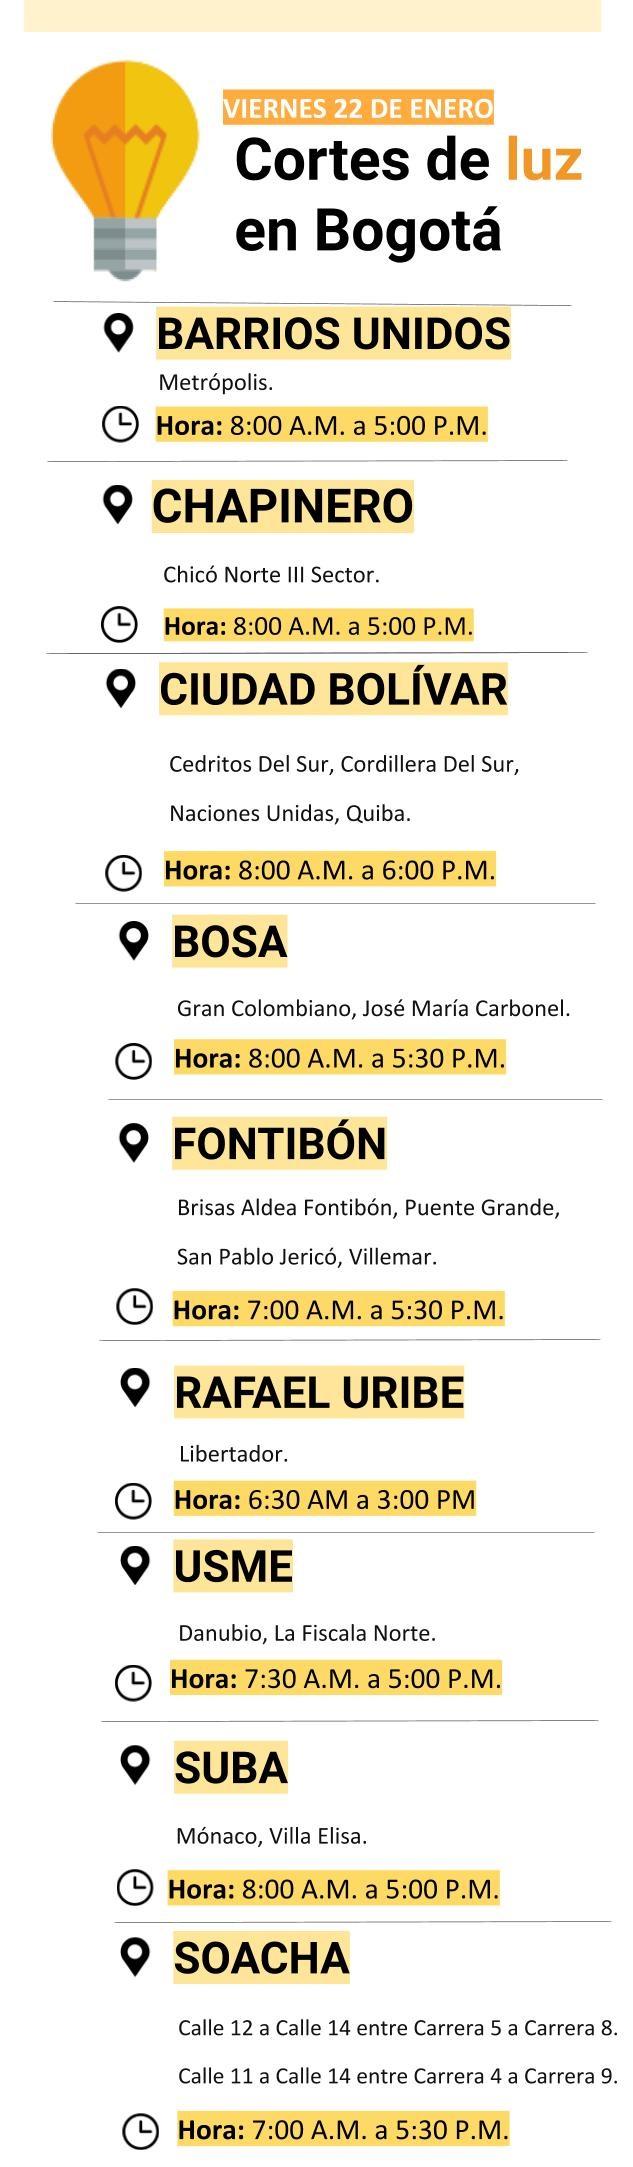 Cortes de luz el viernes 22 de enero en Bogotá